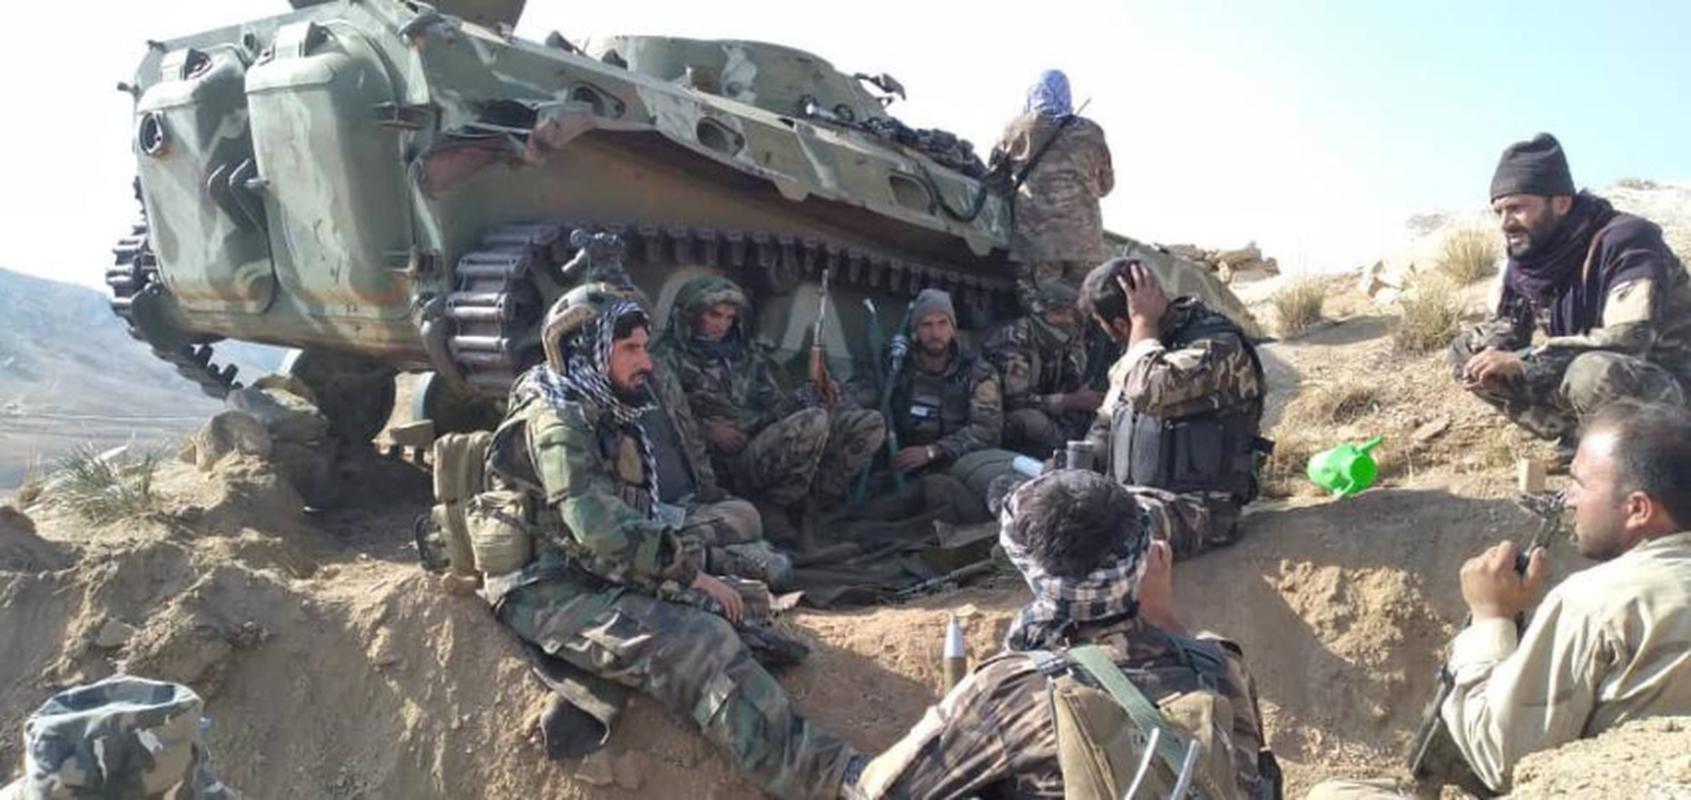 Xe chien dau bo binh huyen thoai Lien Xo trong tay phe khang chien Afghanistan